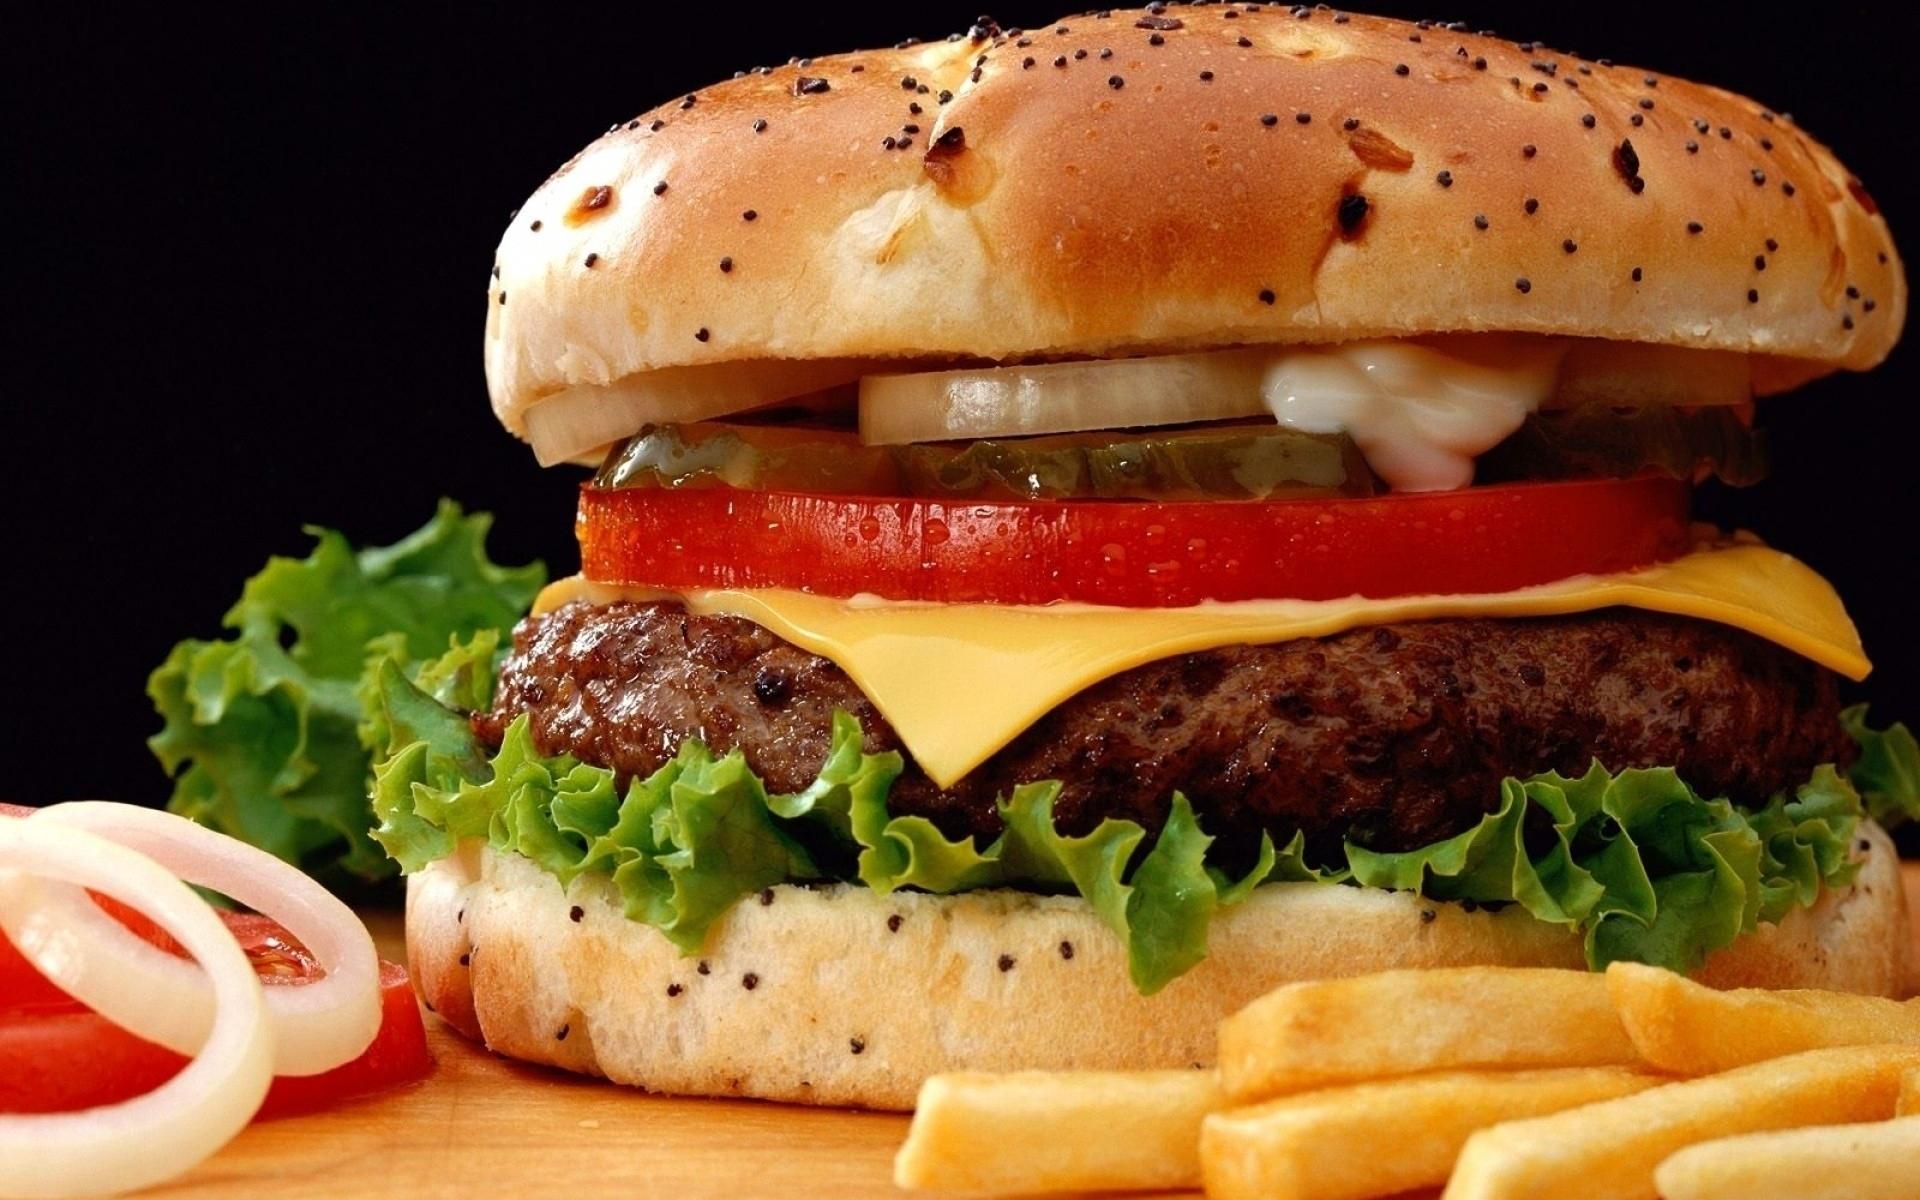 Картинки Сыр, мясо, курица, салат фото и обои на рабочий стол